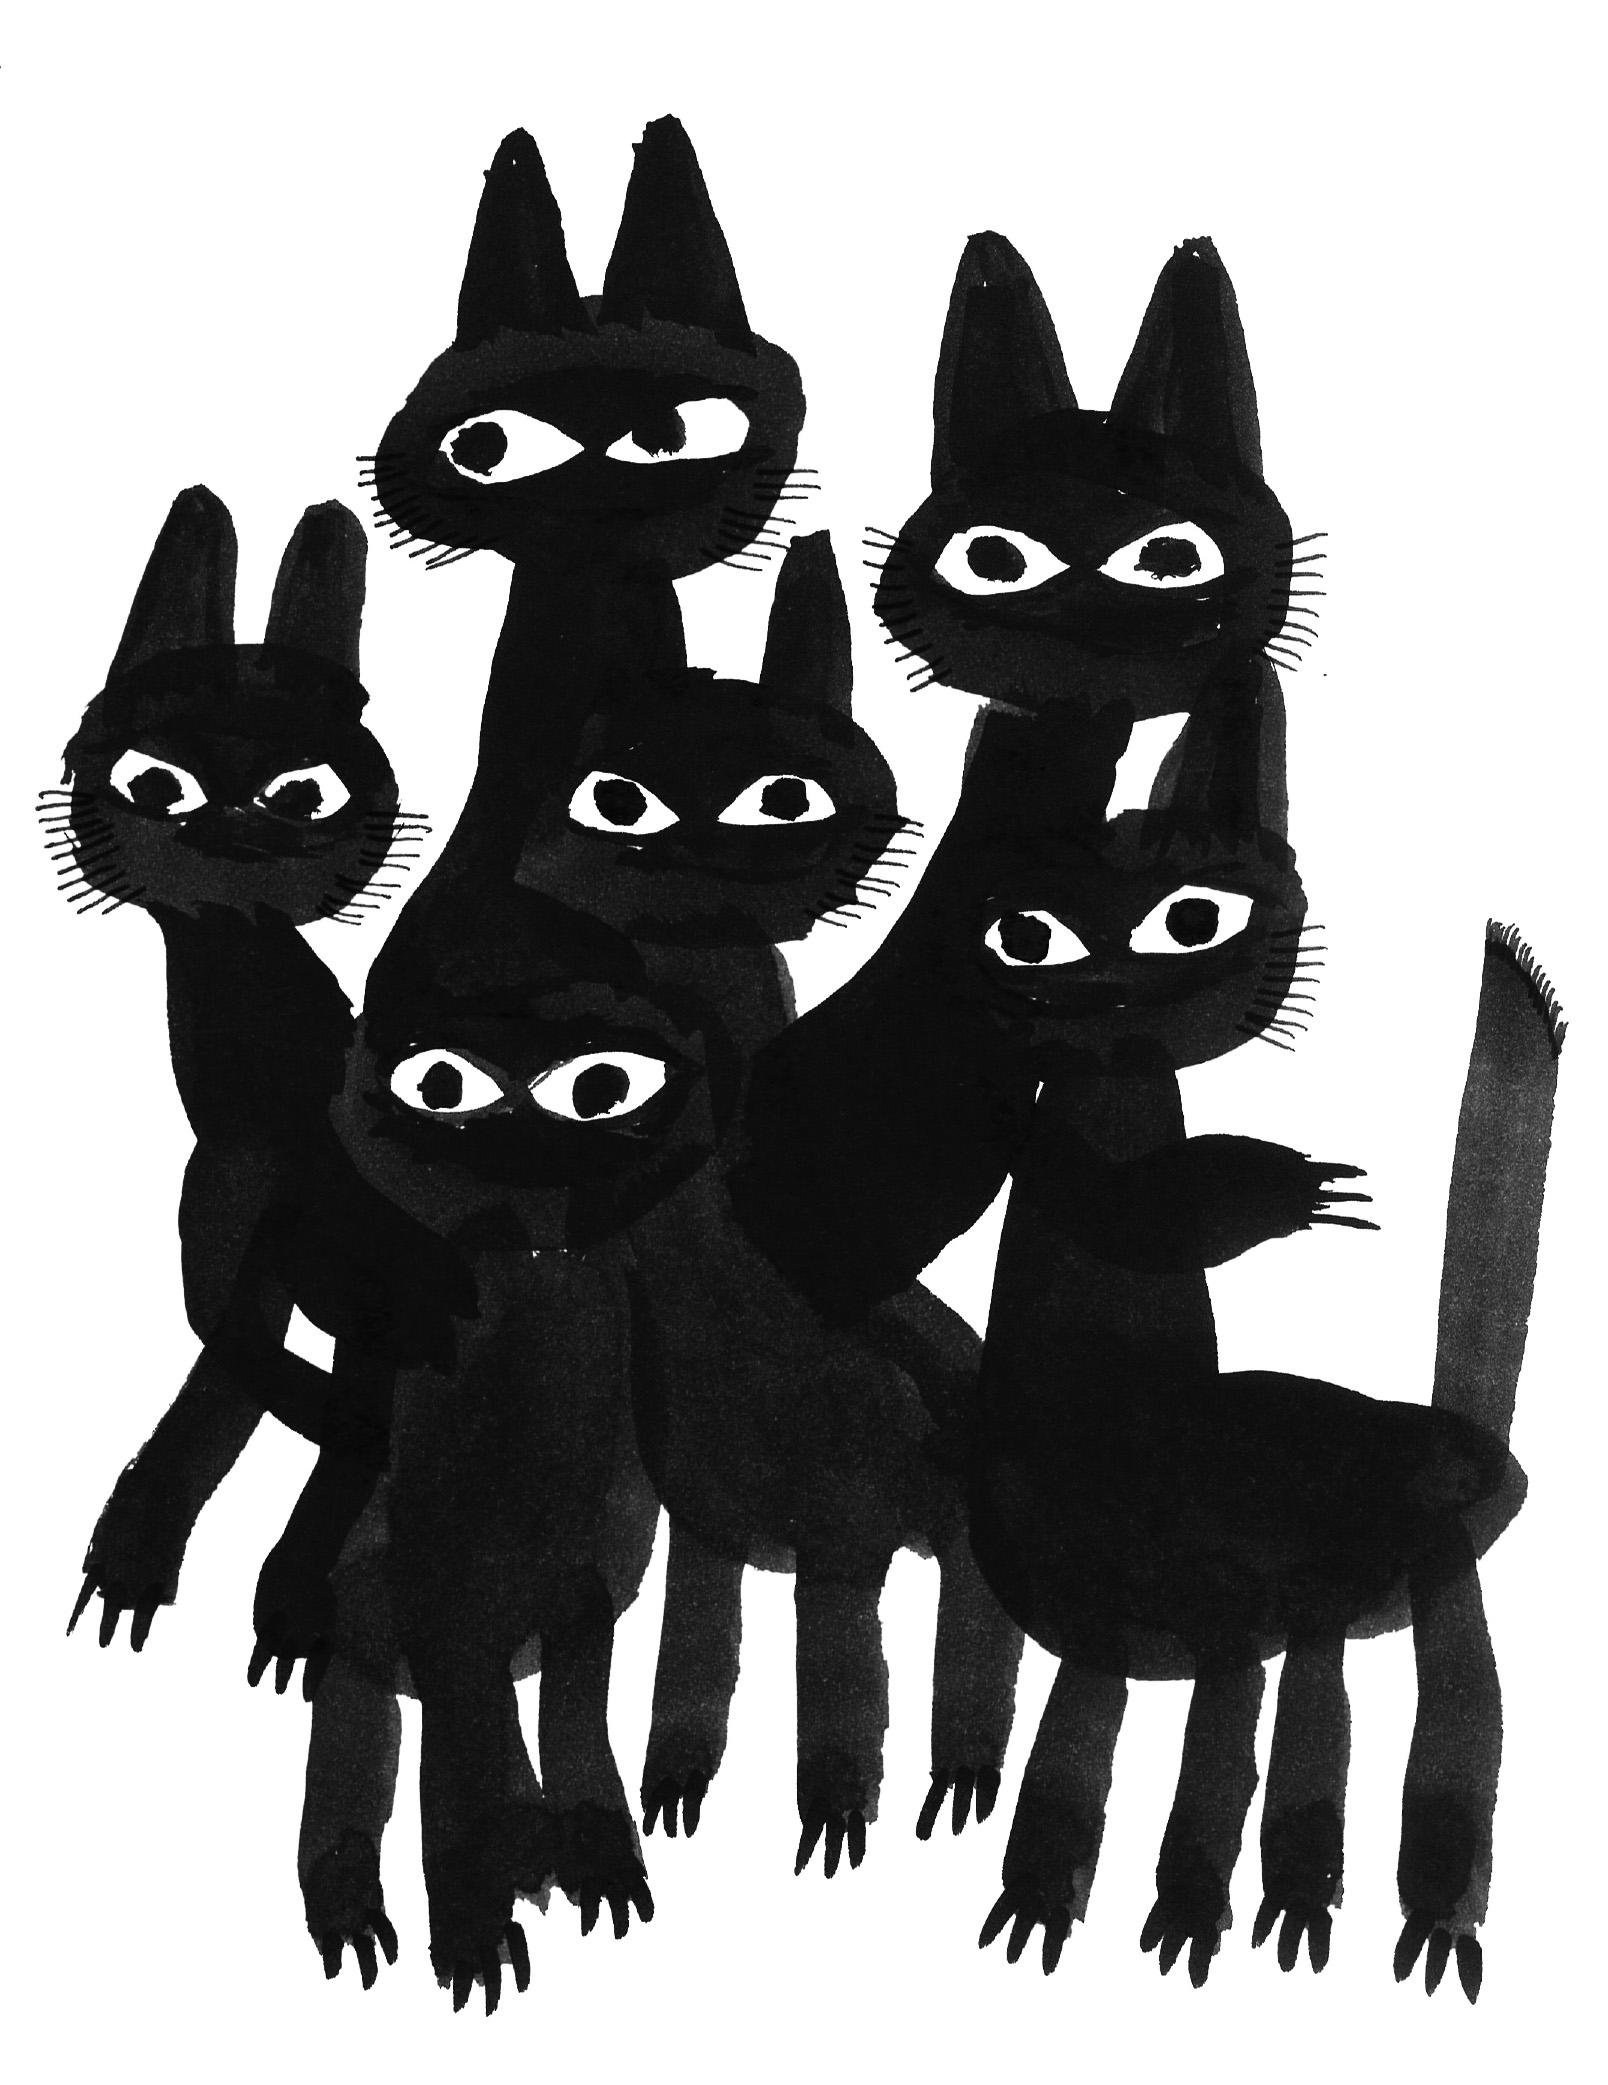 アイスランドの黒猫たち / Icelandic Black Cats